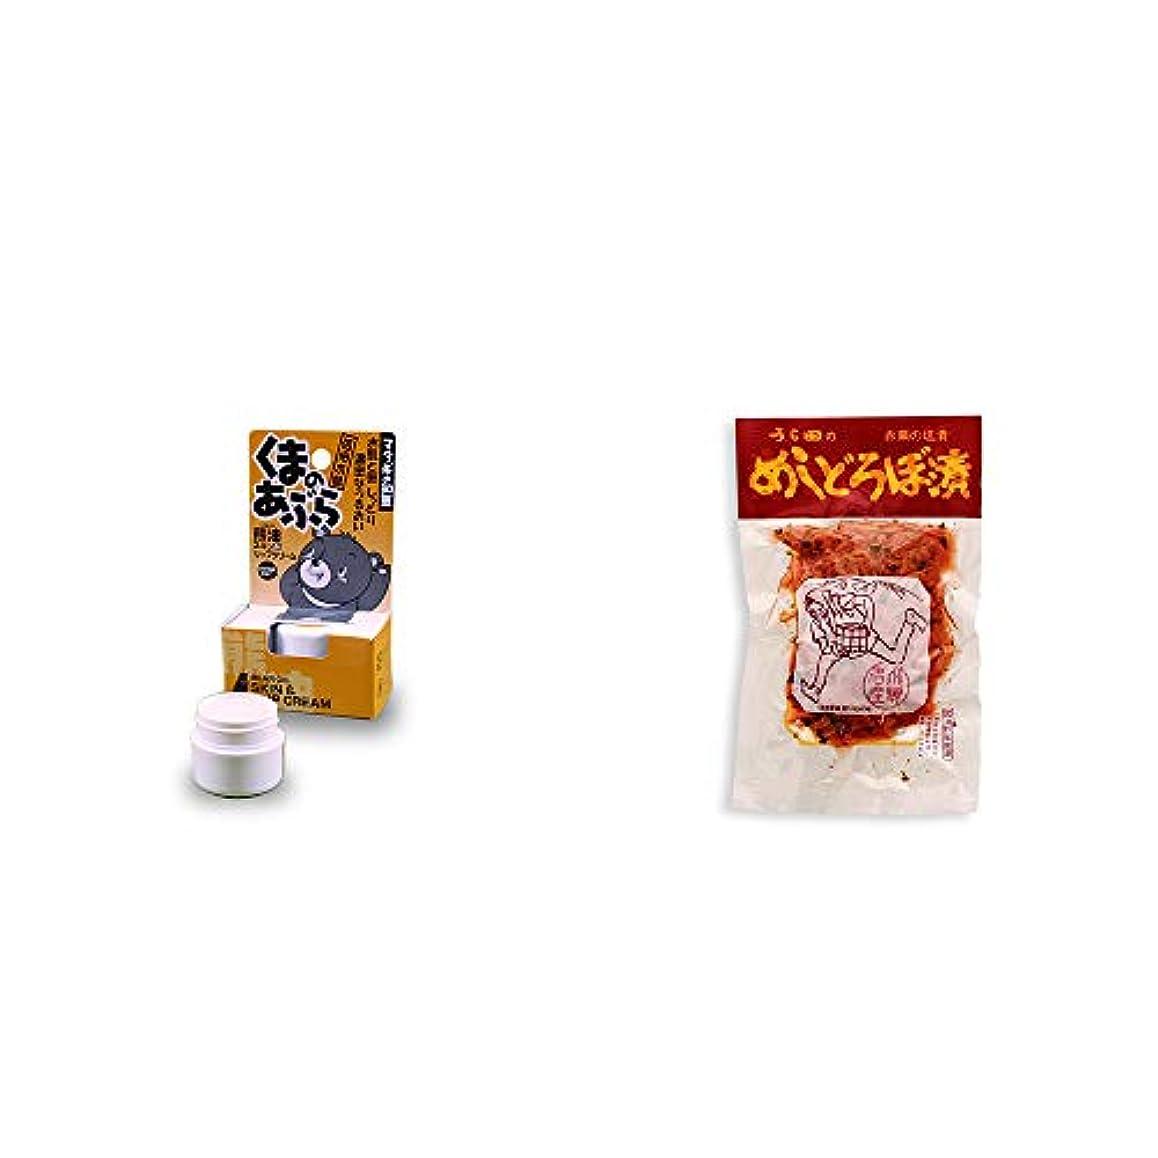 ジャム原子復活させる[2点セット] 信州木曽 くまのあぶら 熊油スキン&リップクリーム(9g)?うら田 めしどろぼ漬(180g)